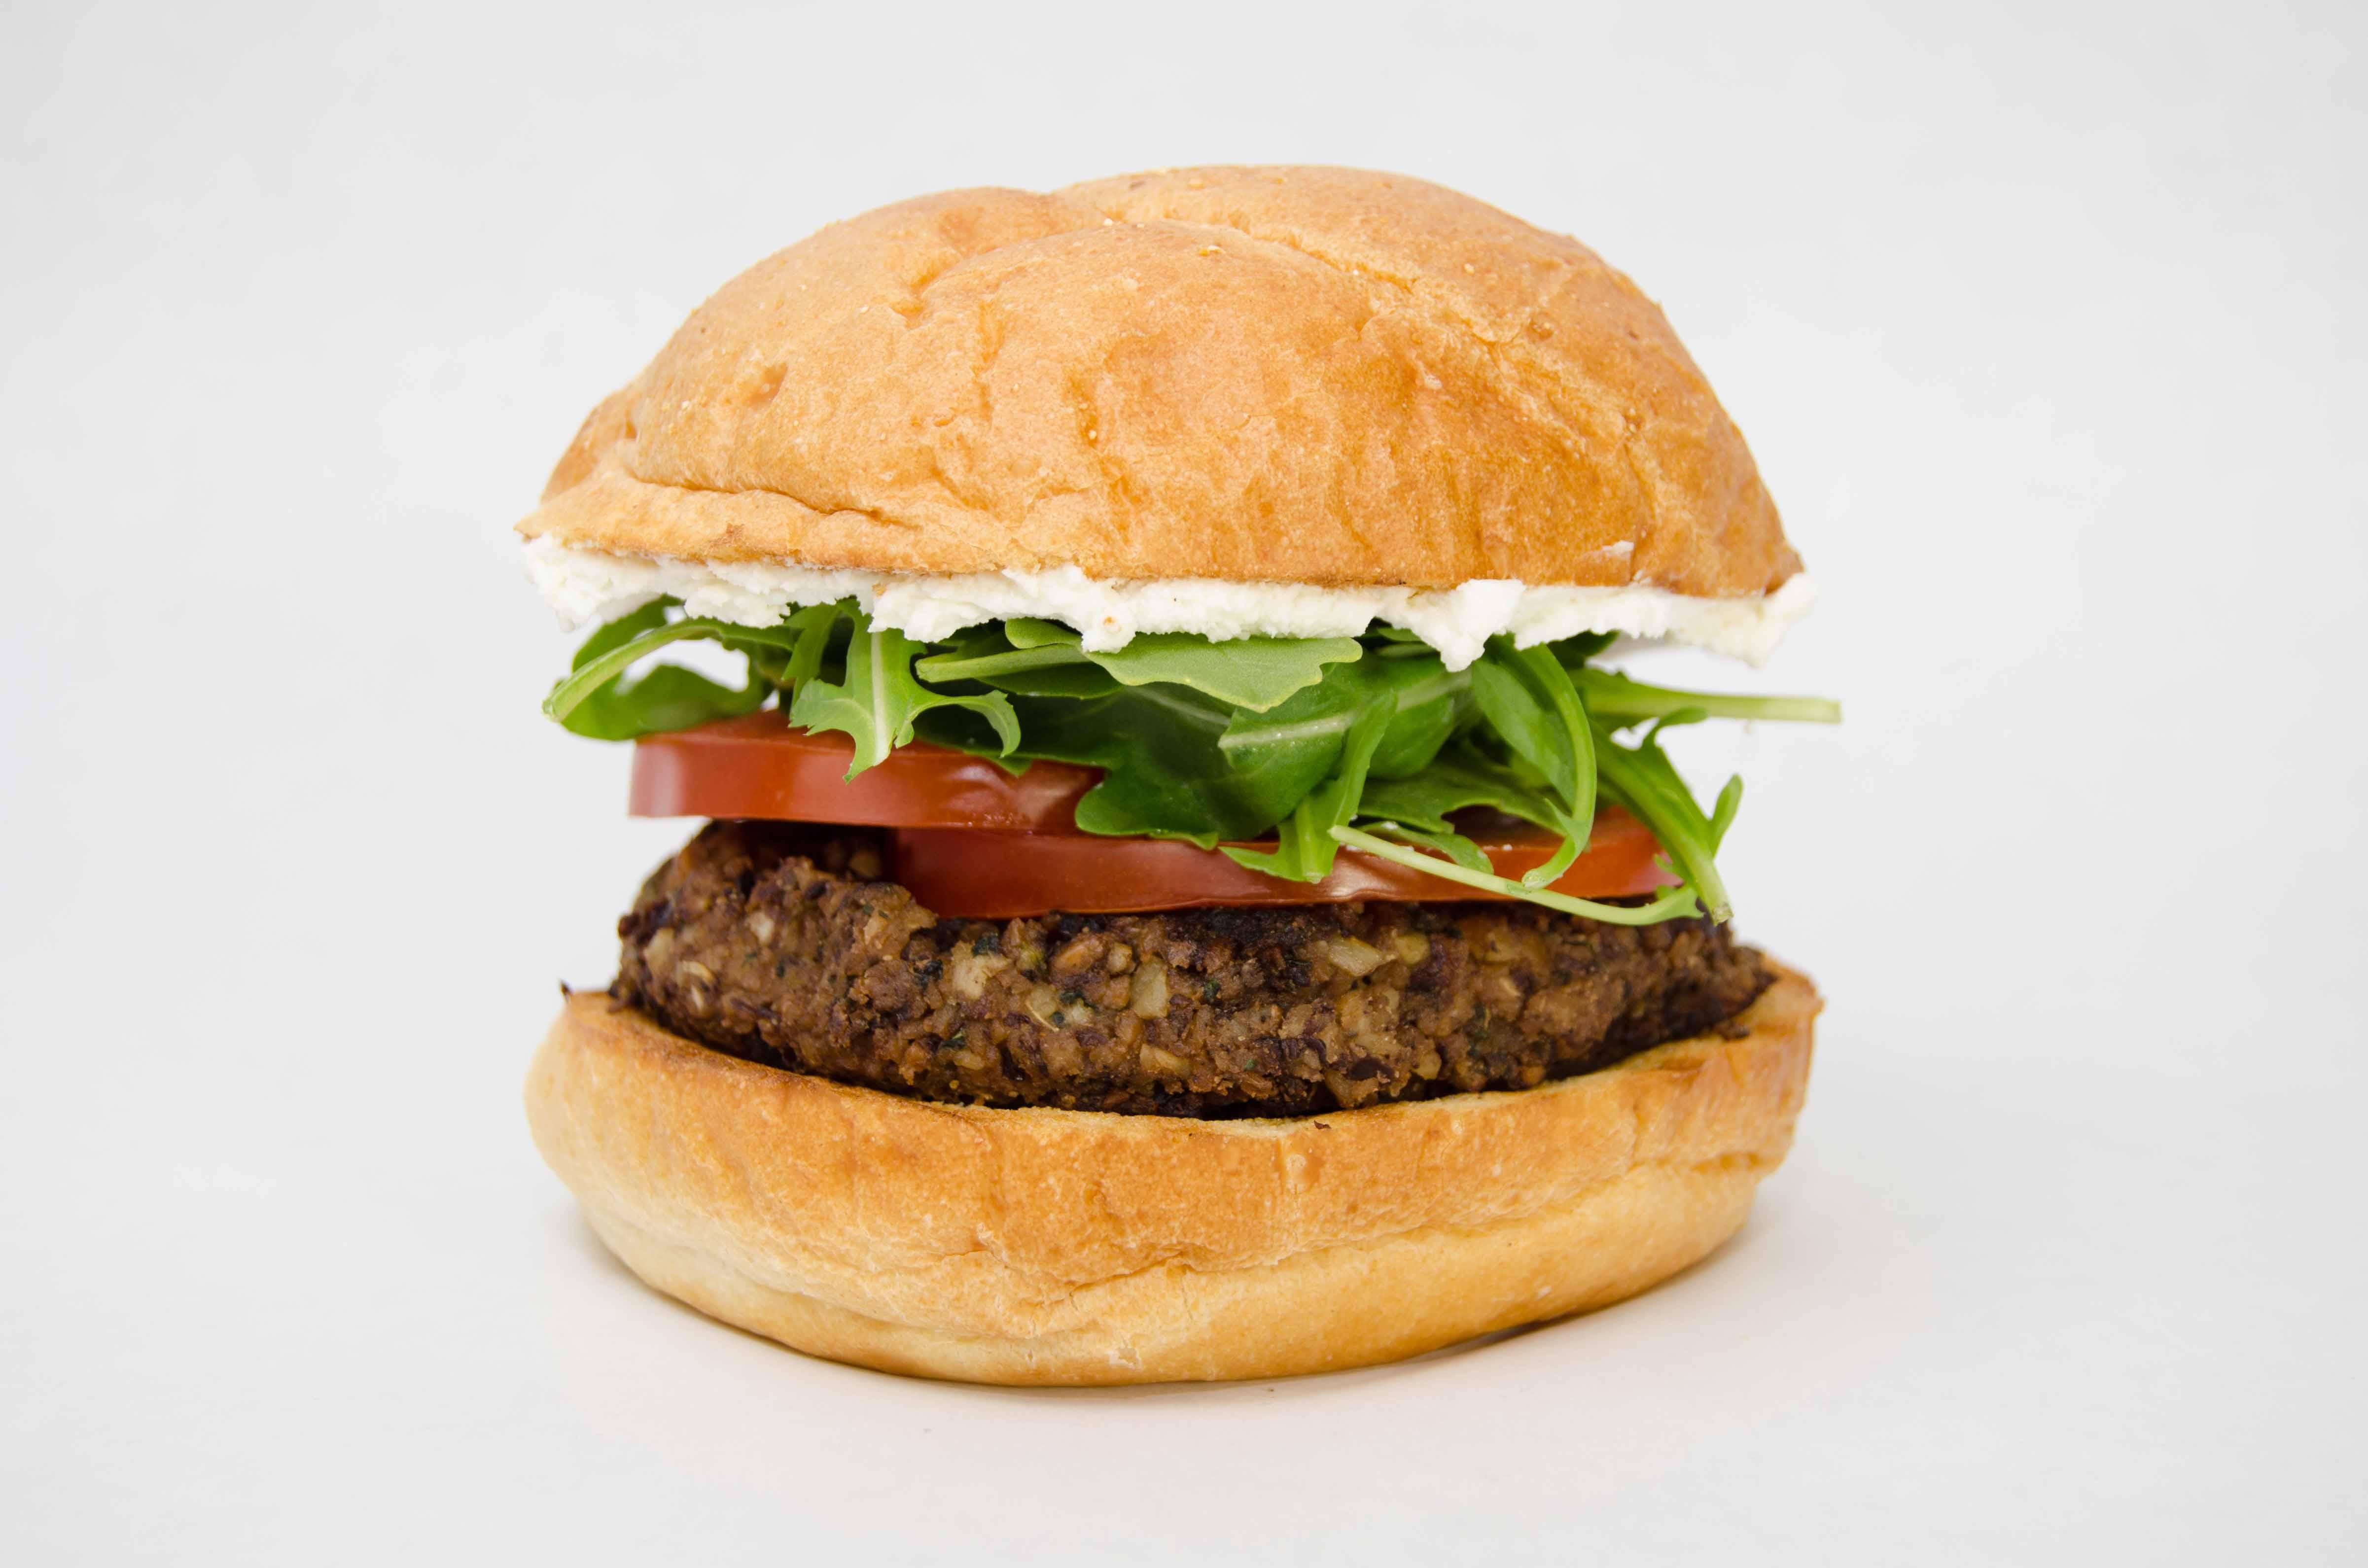 4803x3181 > Veggie Burger Wallpapers